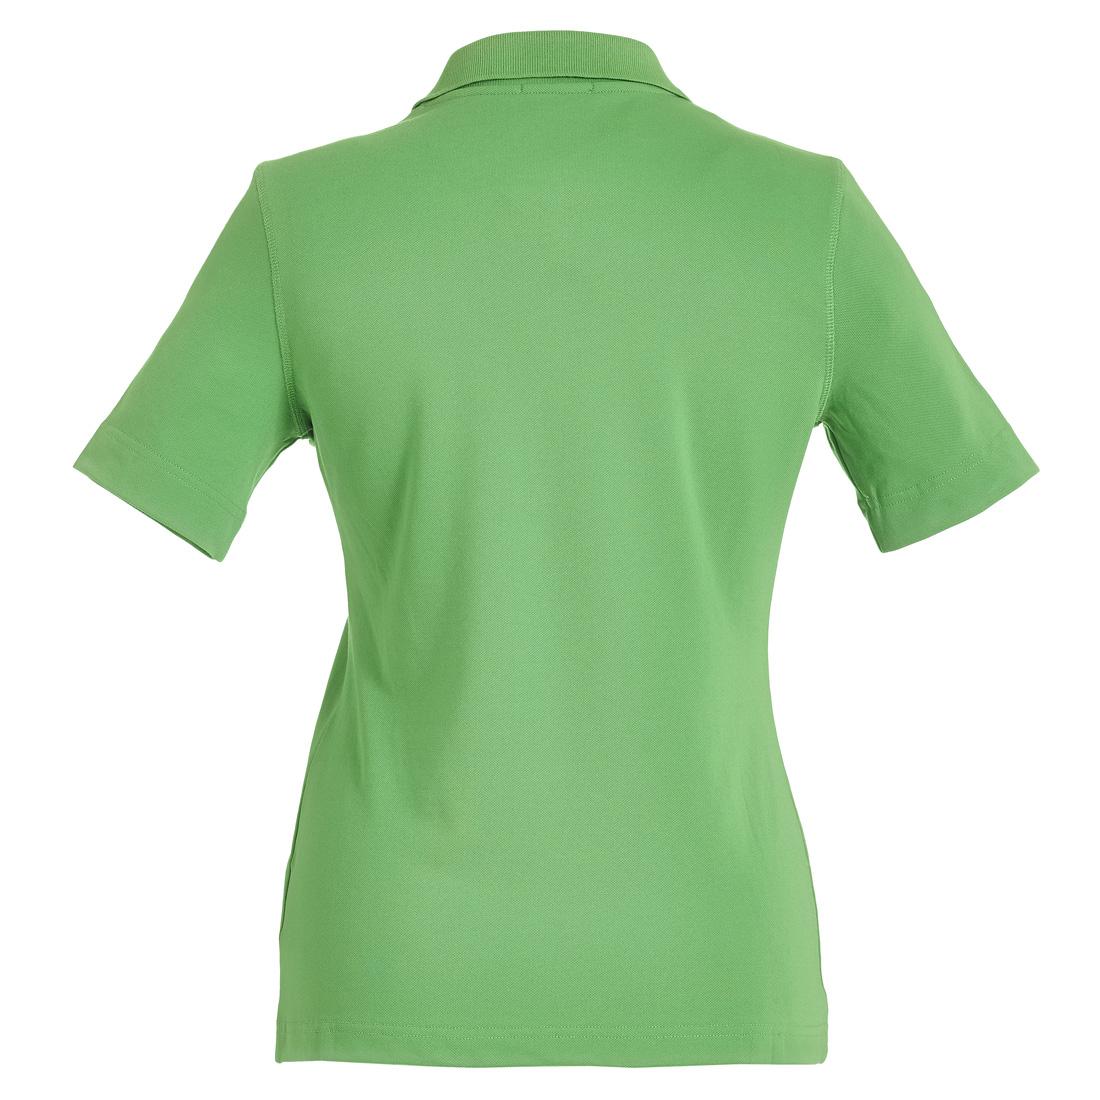 Piqué Poloshirt mit UV-Schutz